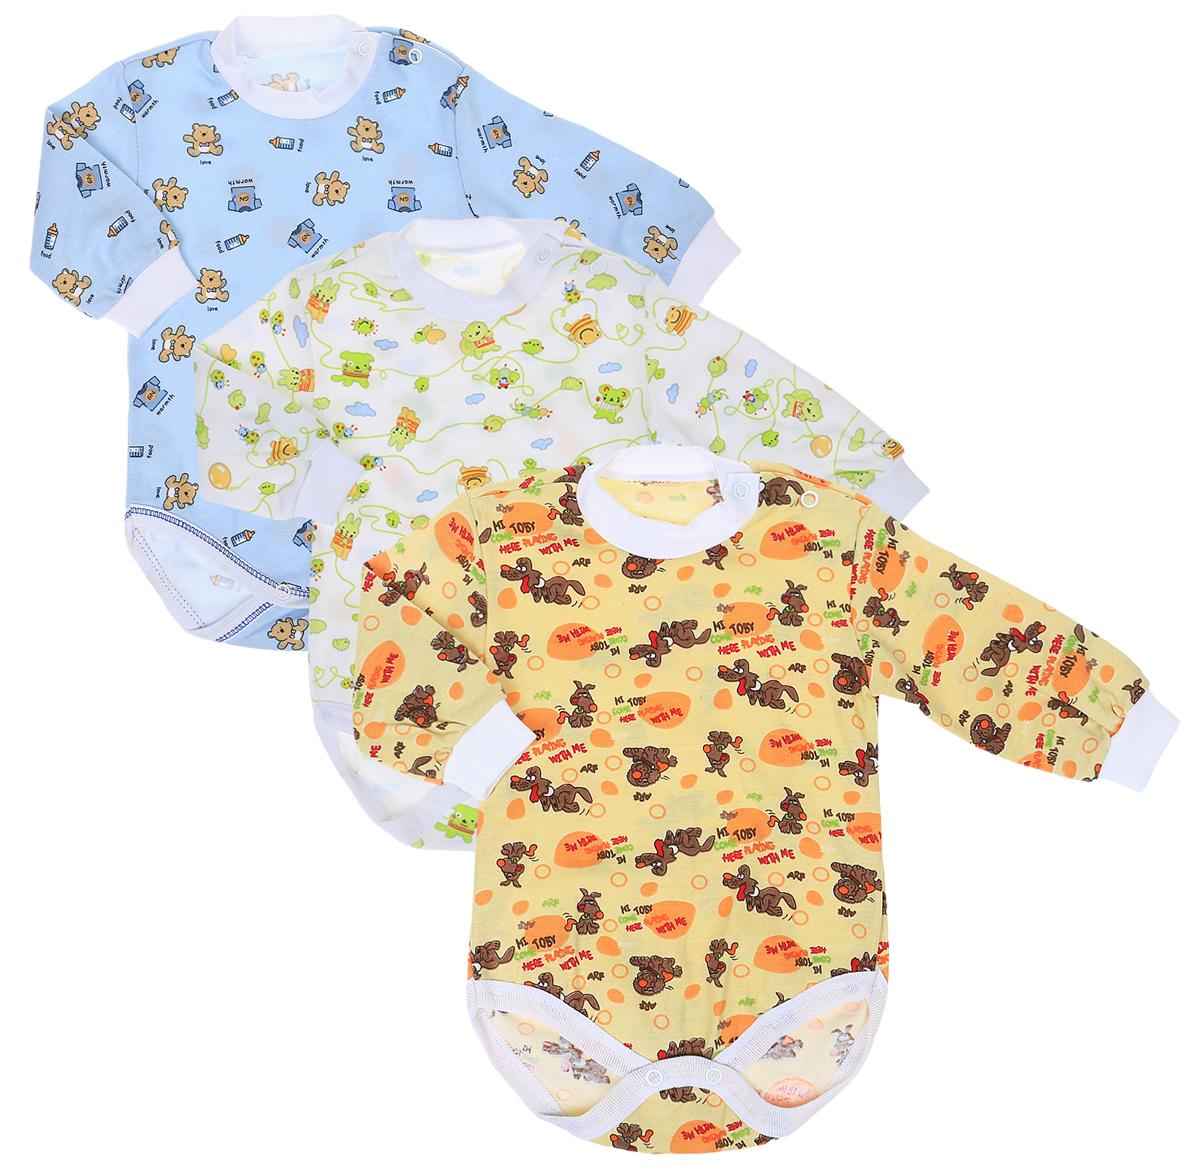 Боди для мальчика Фреш Стайл, цвет: голубой, белый, желтый, 3 шт. 33-308м. Размер 86 боди и песочники hudson baby боди собачка 3 шт